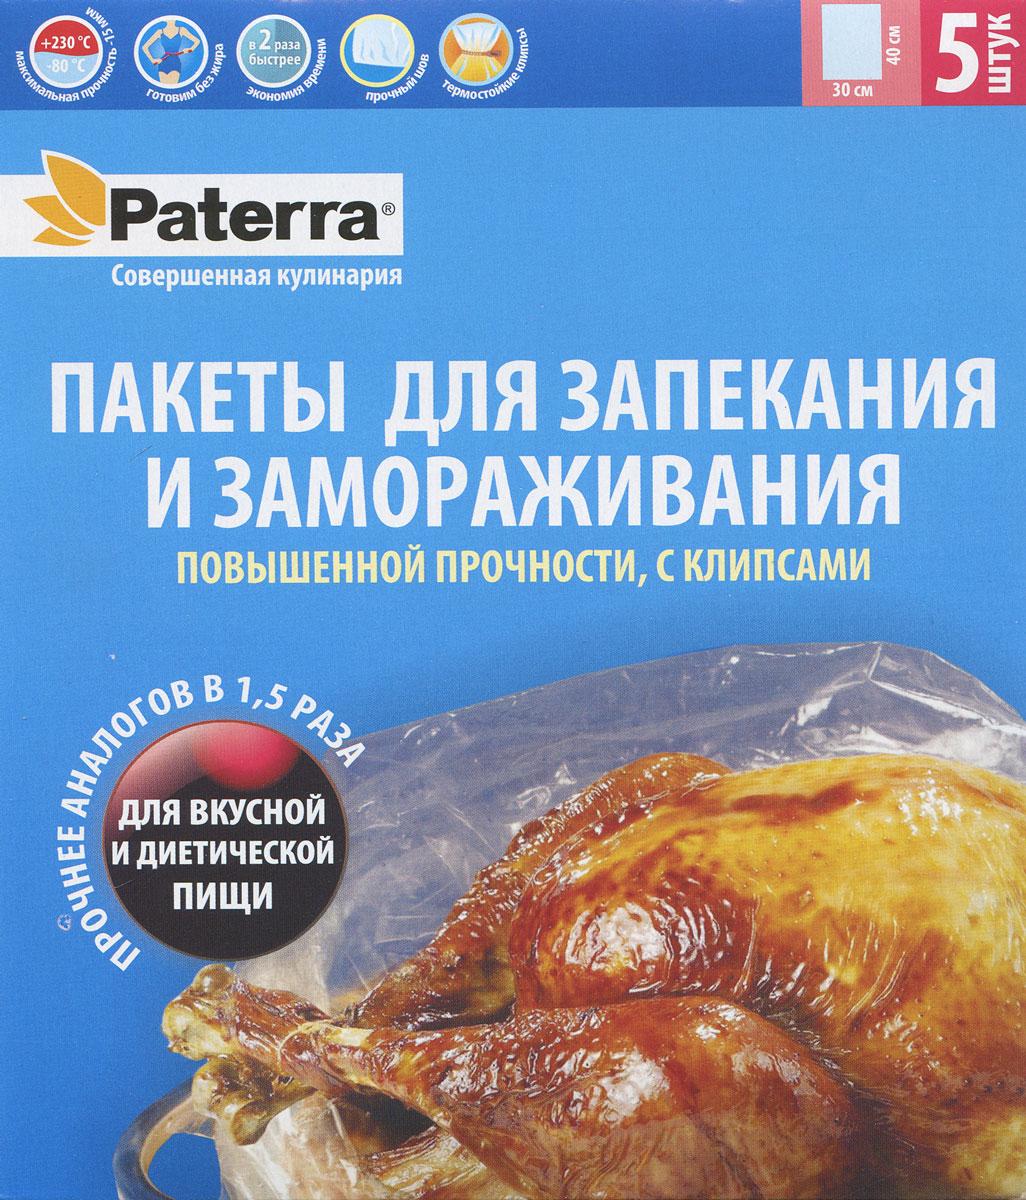 Пакет для запекания Paterra, с клипсами, 30 х 40 см, 5 шт109-185Пакеты Paterra изготовлены из полиэтилентерефталата (термопластик) и используются для приготовления вкусных, а главное полезных блюд из мяса, рыбы, овощей в собственном соку. Они позволяют приготовить здоровую пищу, сократить количество калорий и сохранить витамины. Термостойкие клипсы, которые идут в комплекте с пакетами, не плавятся в духовке, пригодны для готовки в микроволновой печи.